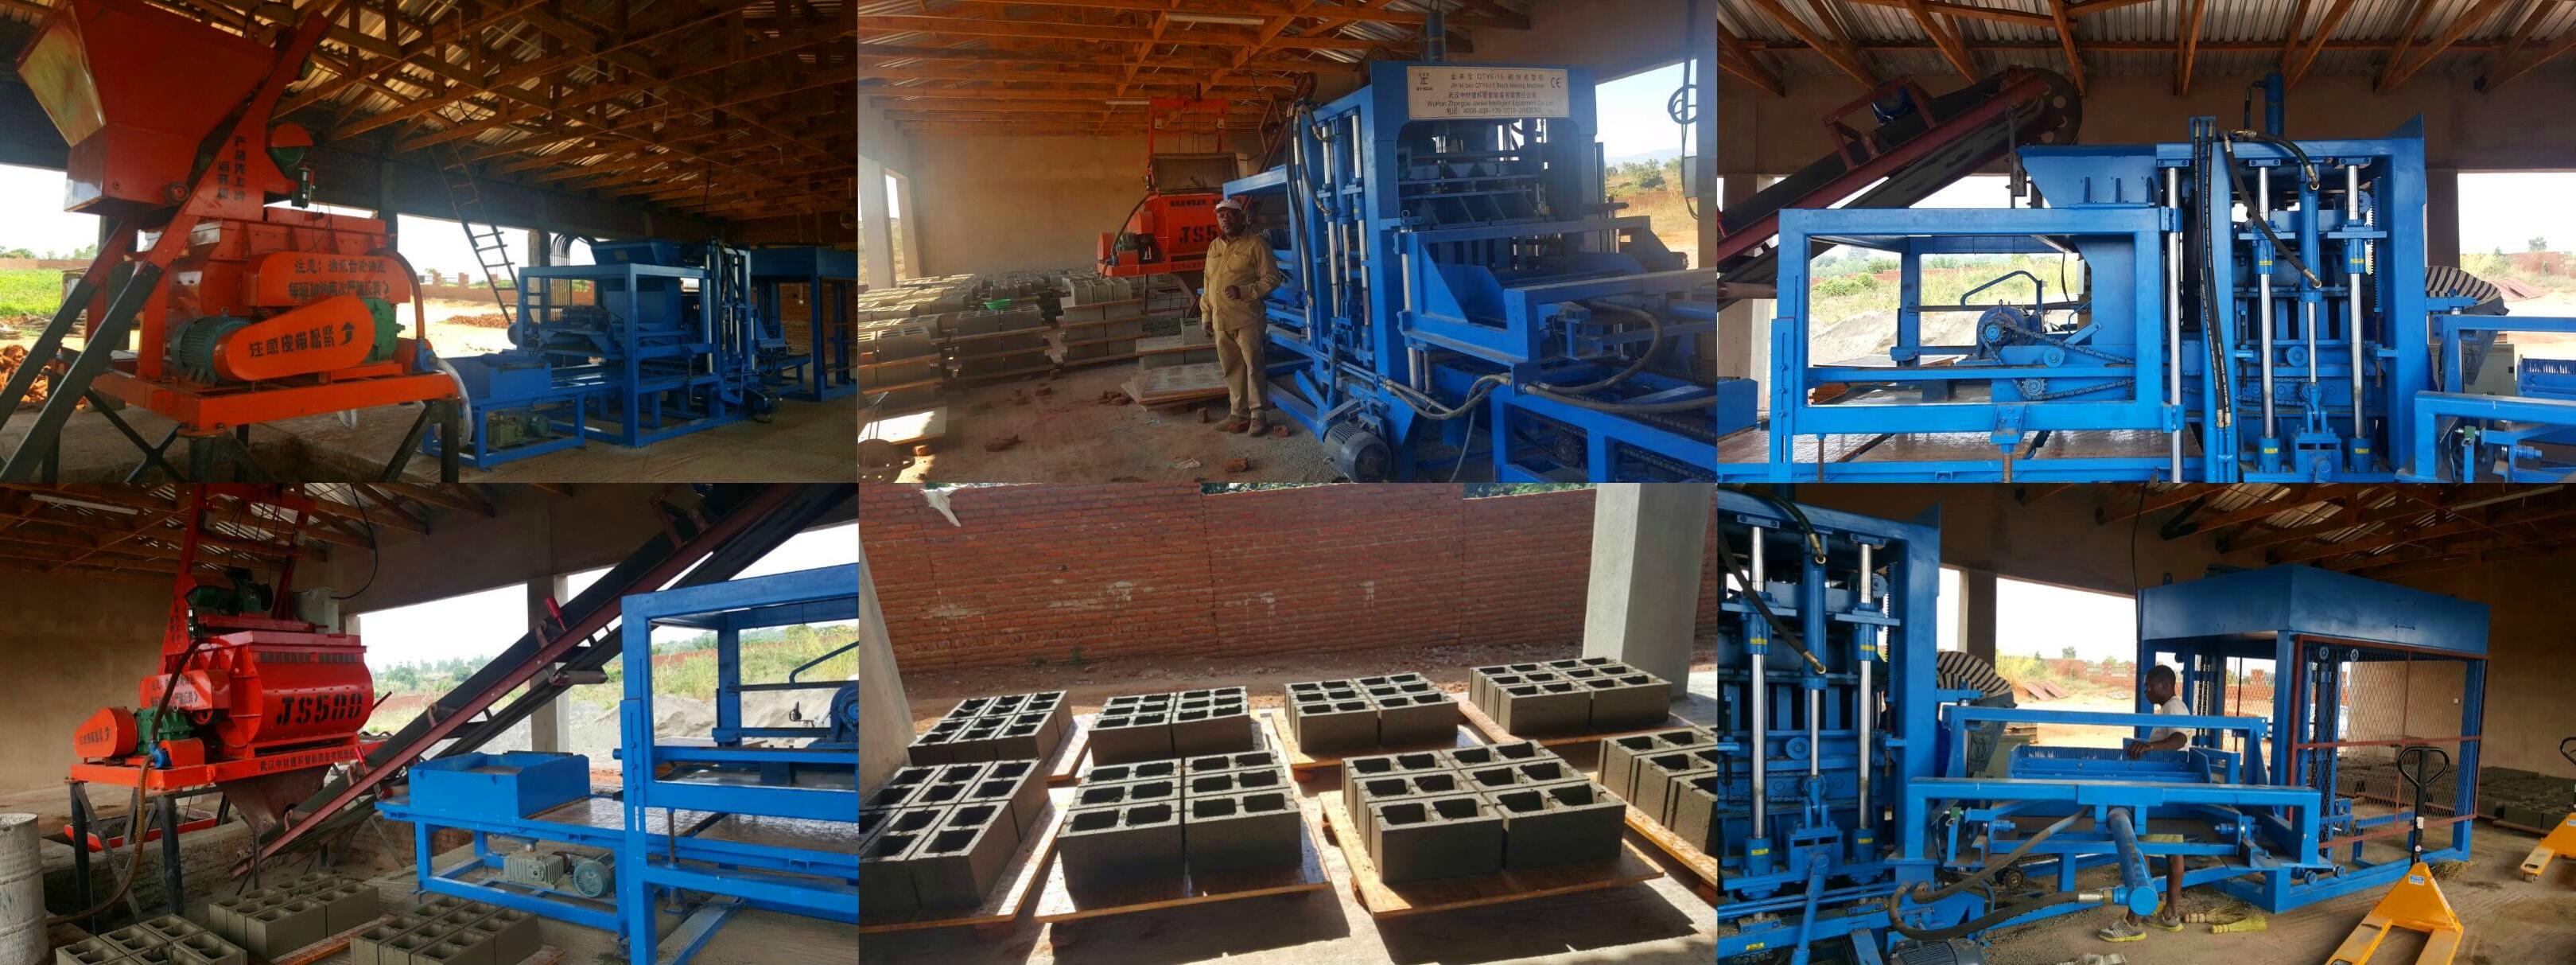 Malawi Agent ZCJK Block making machine